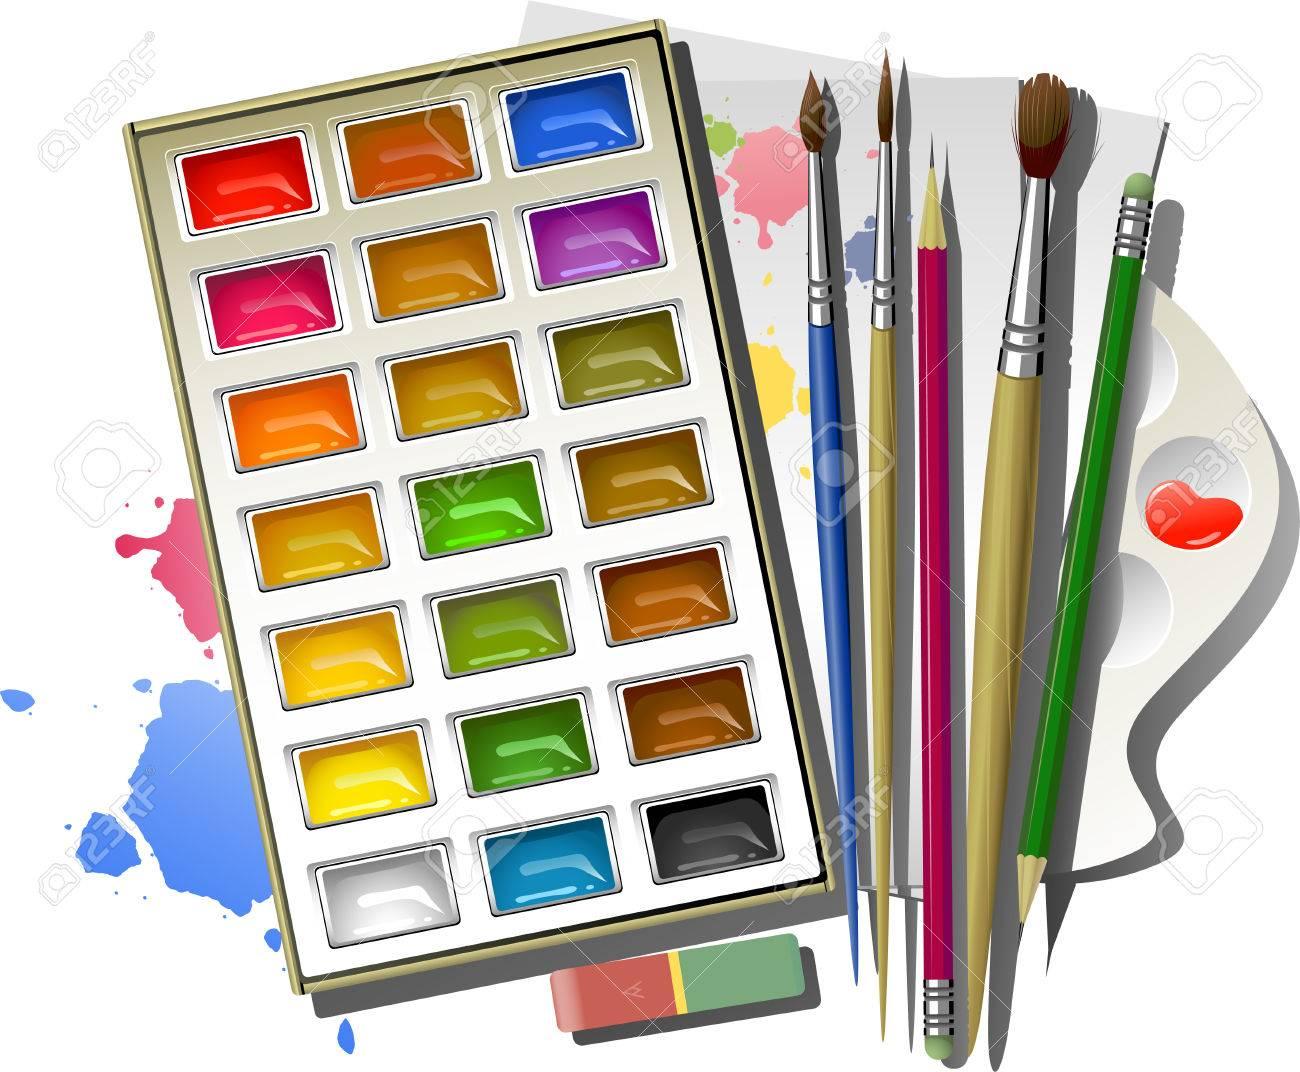 art supplies watercolor paints brushes pencils eraser palette paper